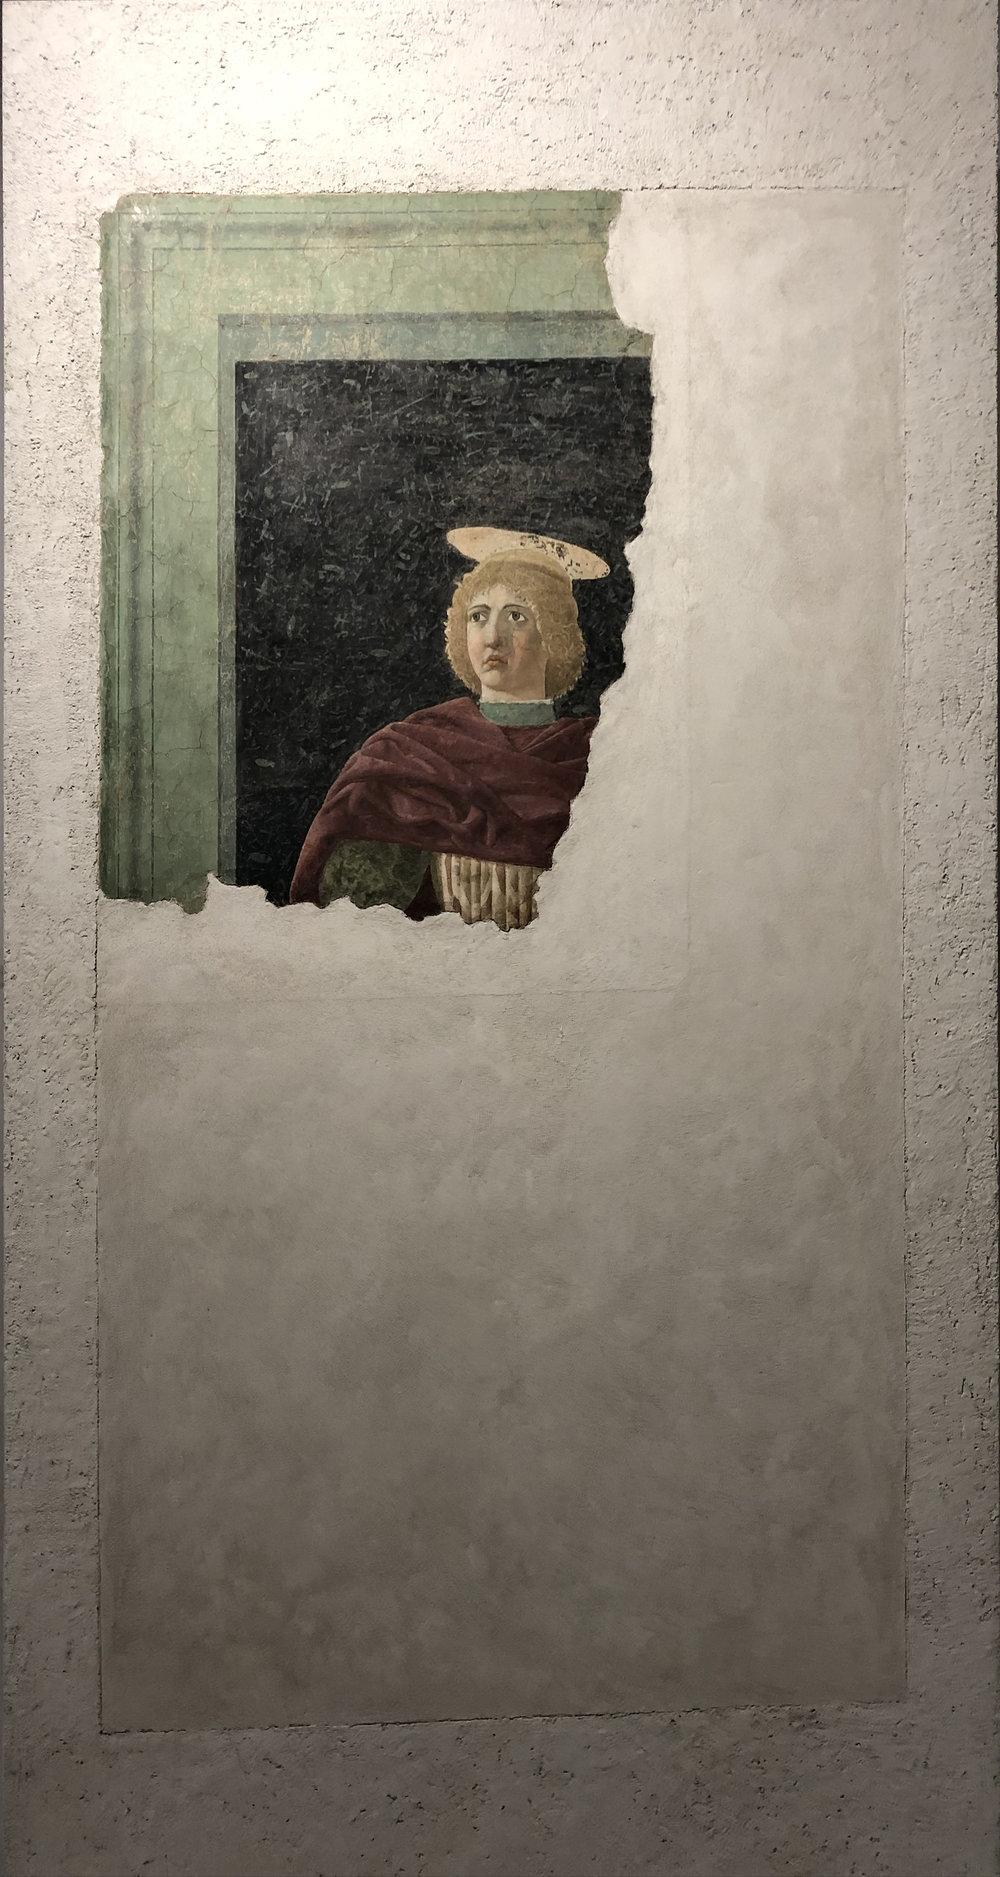 """Рис.5 Пьеро делла Франческа """"Святой Юлиан"""", 1453-1454 гг.; фреска, переведенная на дерево; Городской музей Сан Сеполькро."""